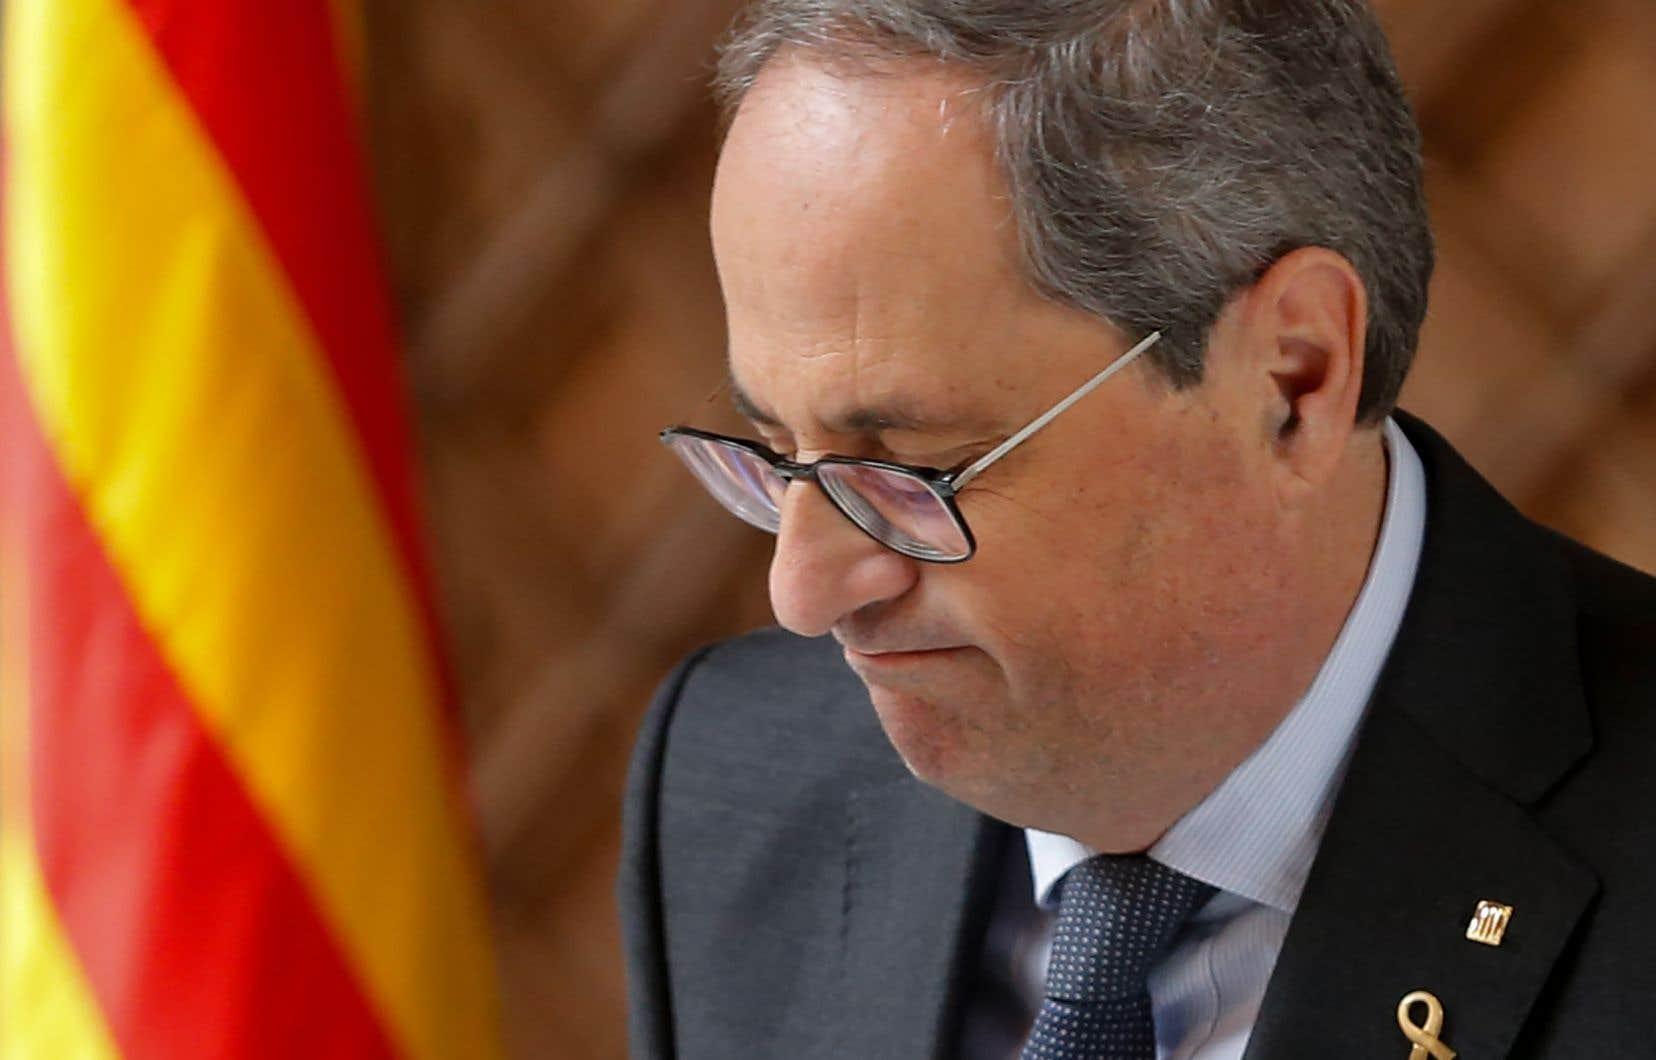 Le président catalan Quim Torra avait refusé de retirer des emblèmes séparatistes de la façade du siège du gouvernement régional pendant une campagne électorale.